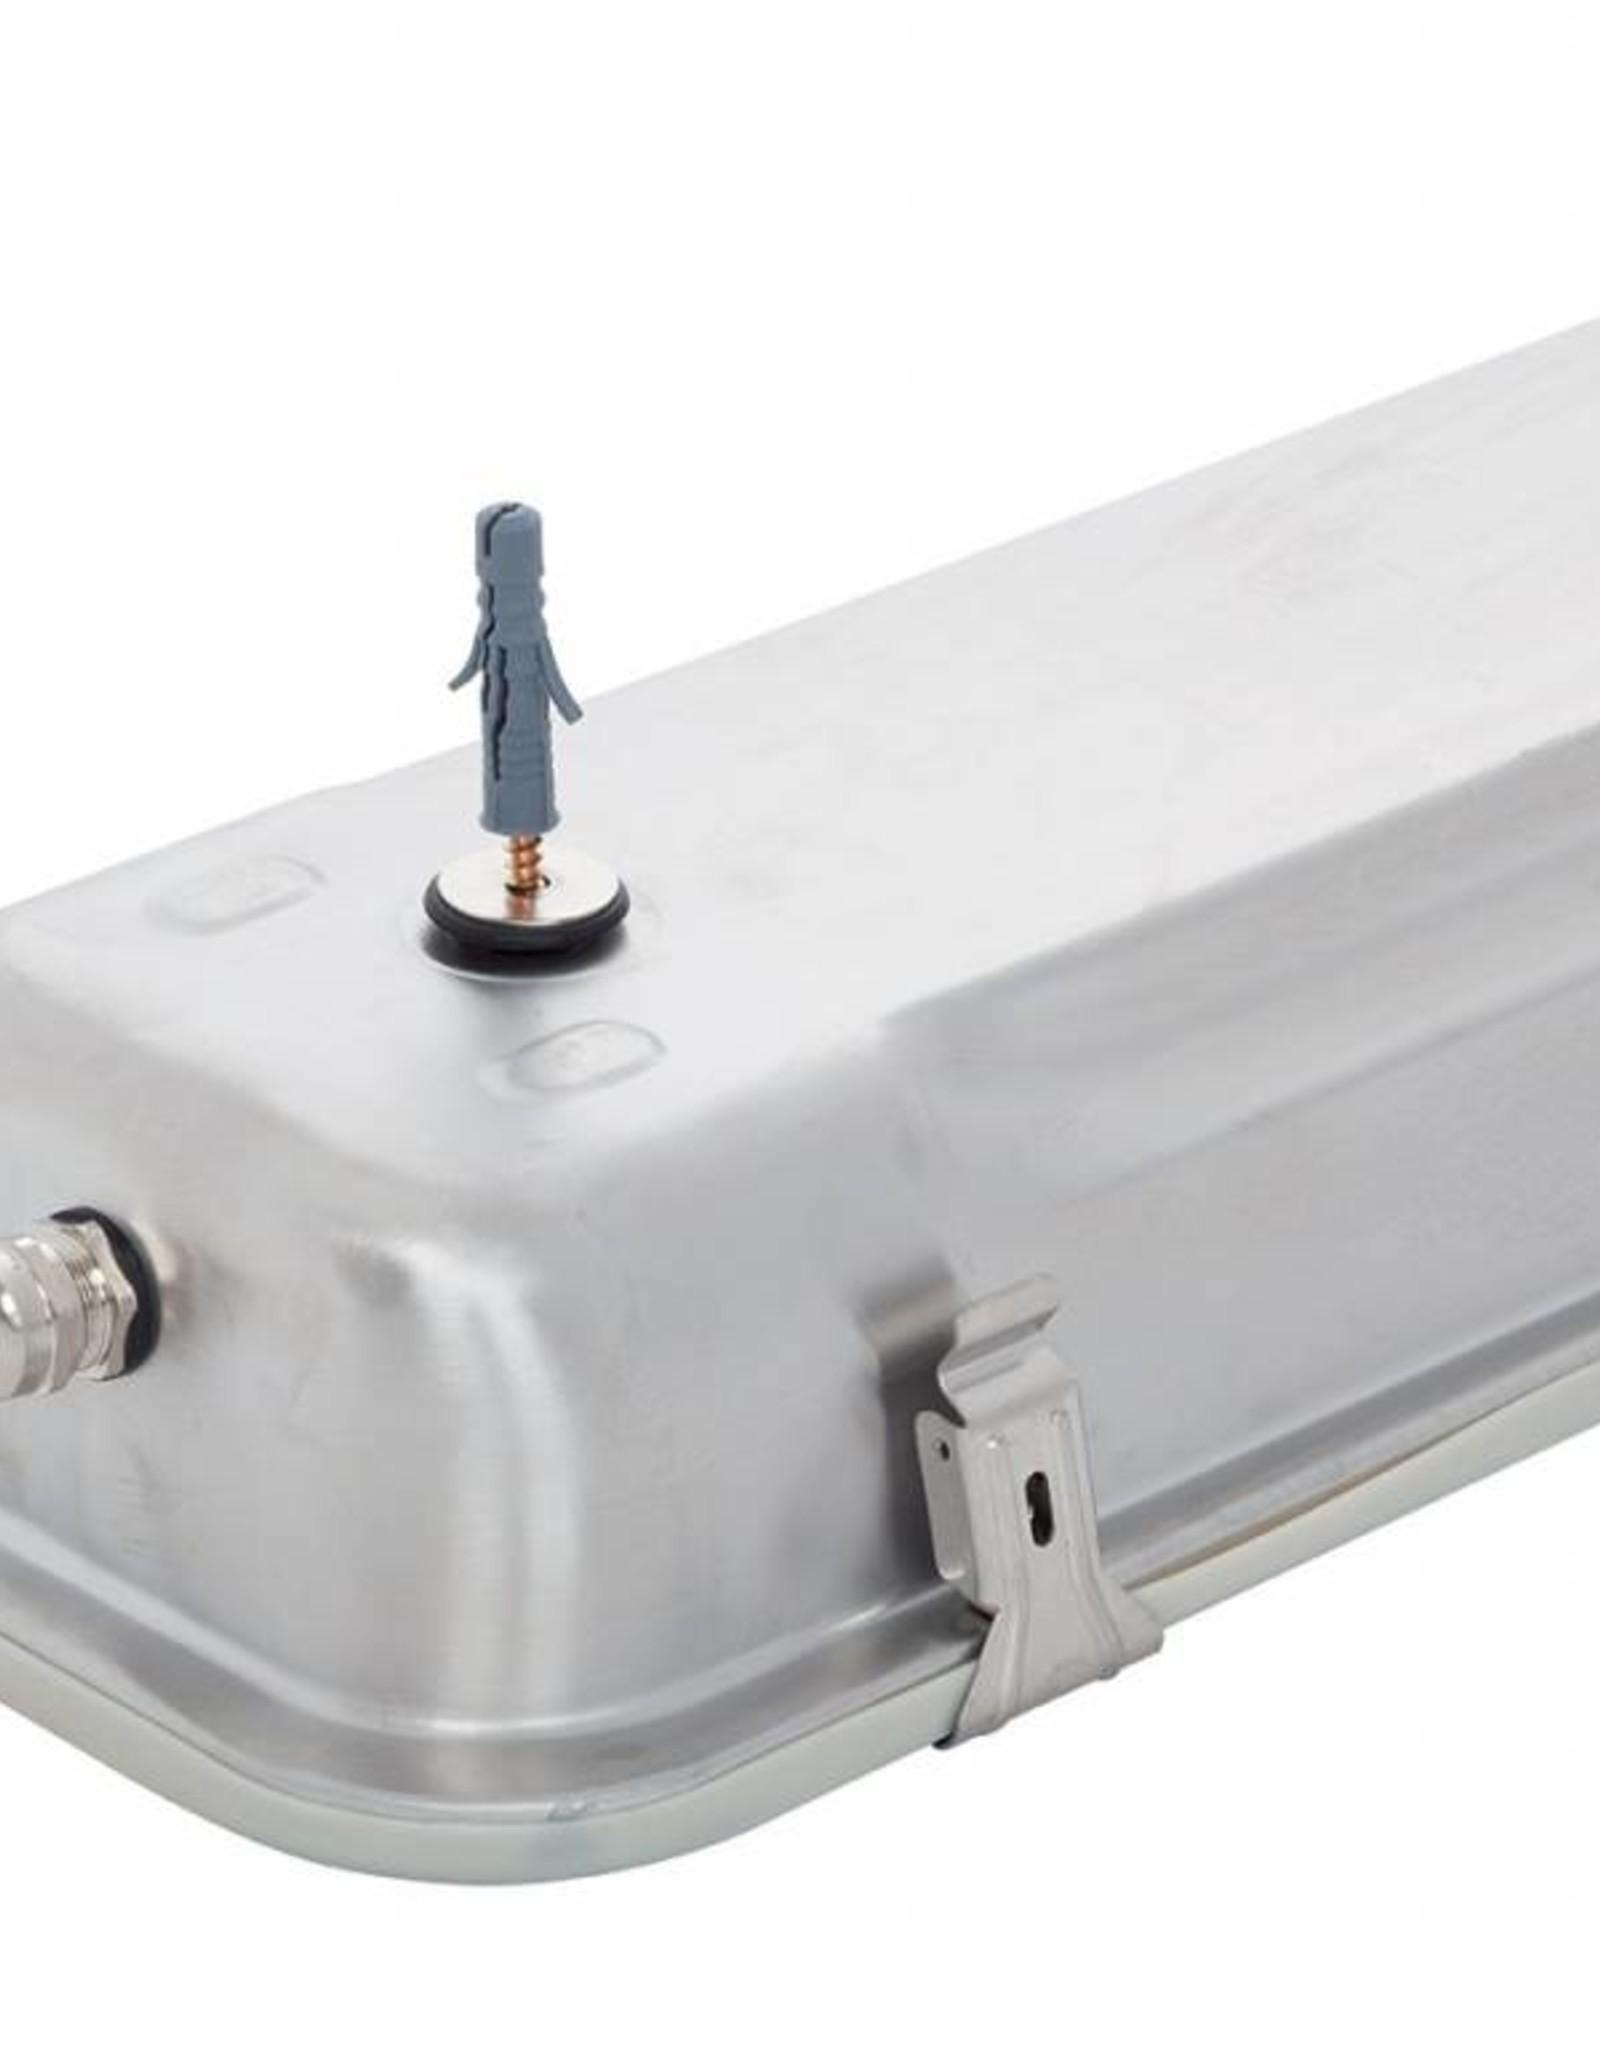 PERUN LED 1.5 Ft 3250/840